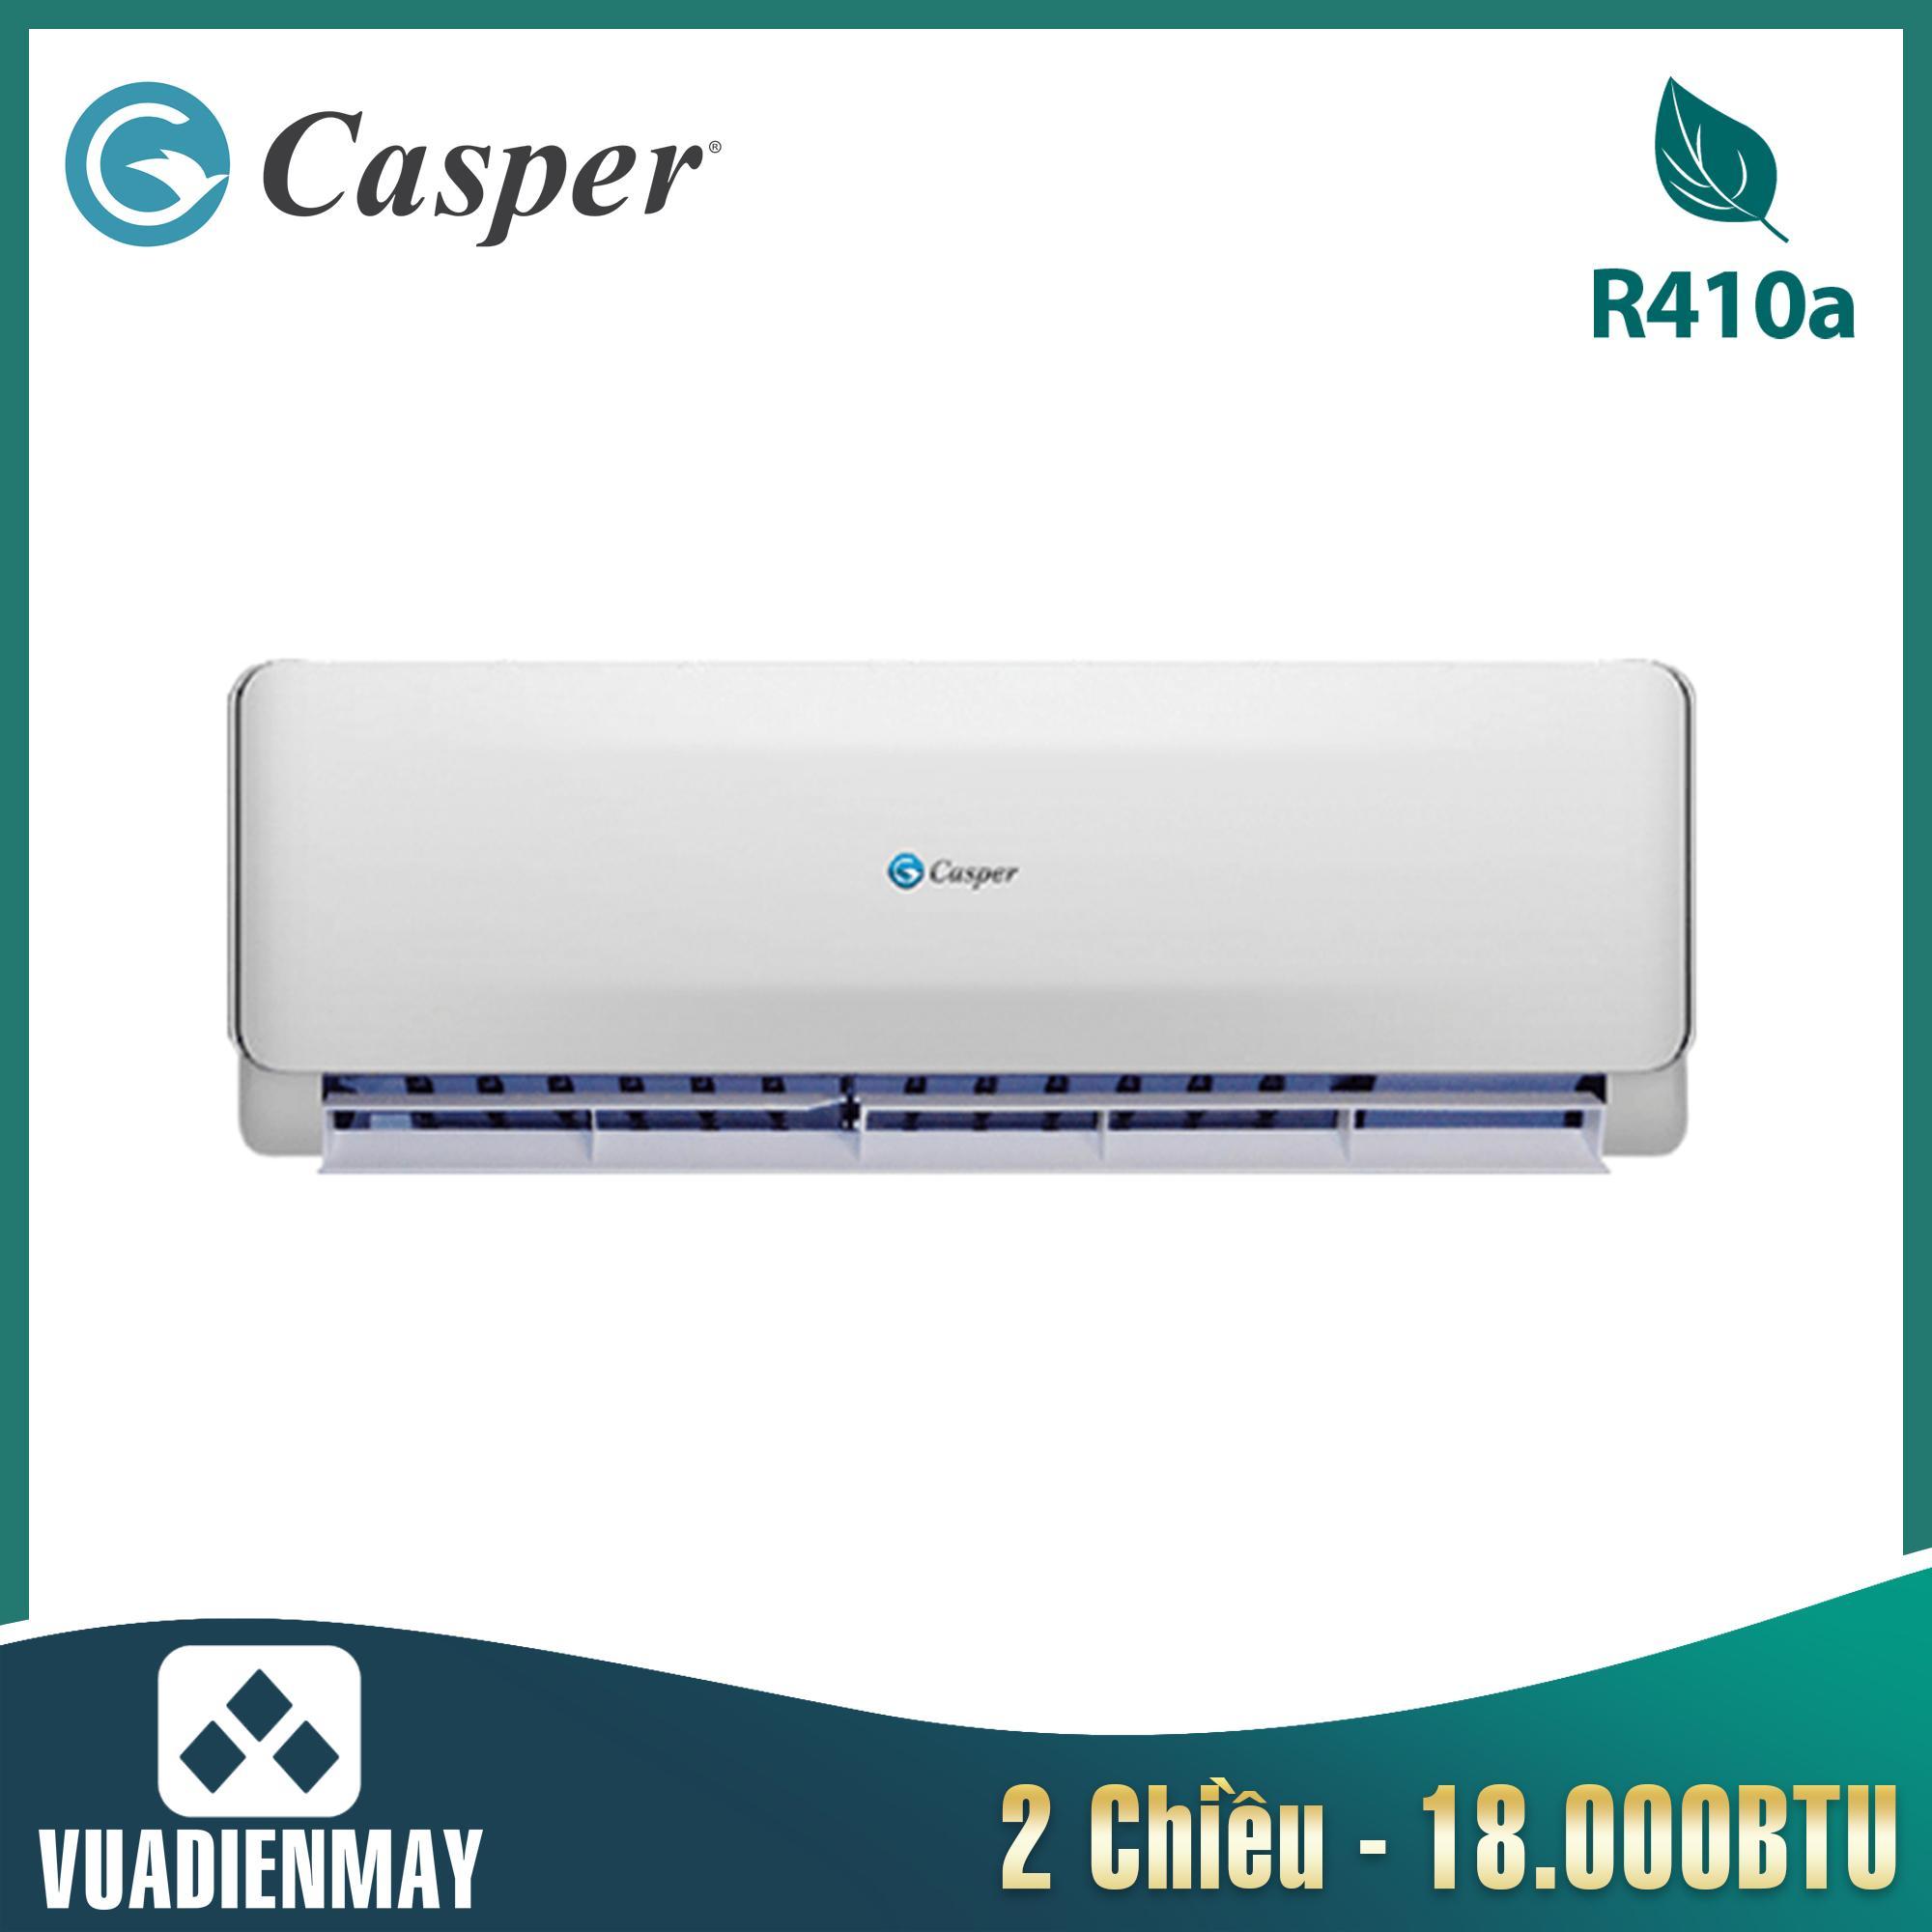 EH18TL22, điều hòa casper 18000btu 2 chiều